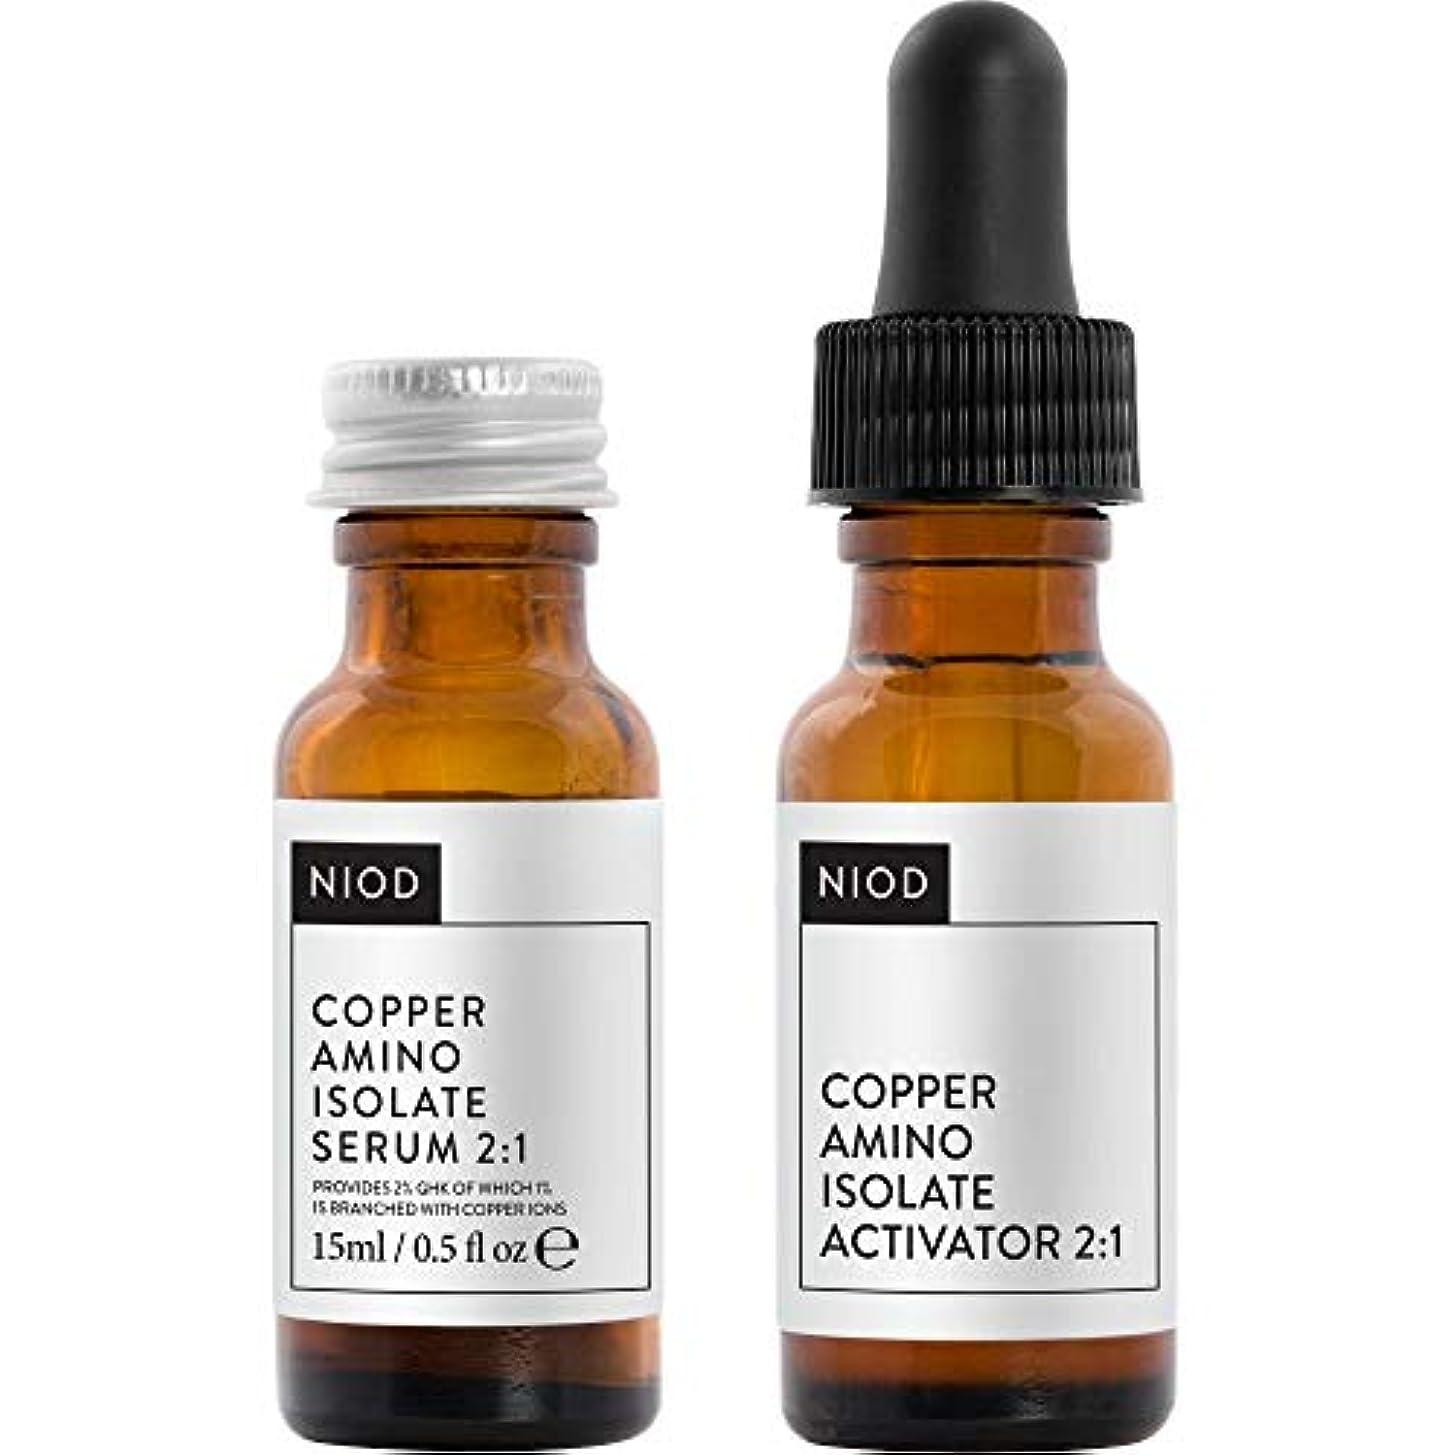 透けるハム教えて[NIOD] Niod銅アミノ分離株の血清2:1 15ミリリットル - NIOD Copper Amino Isolate Serum 2:1 15ml [並行輸入品]